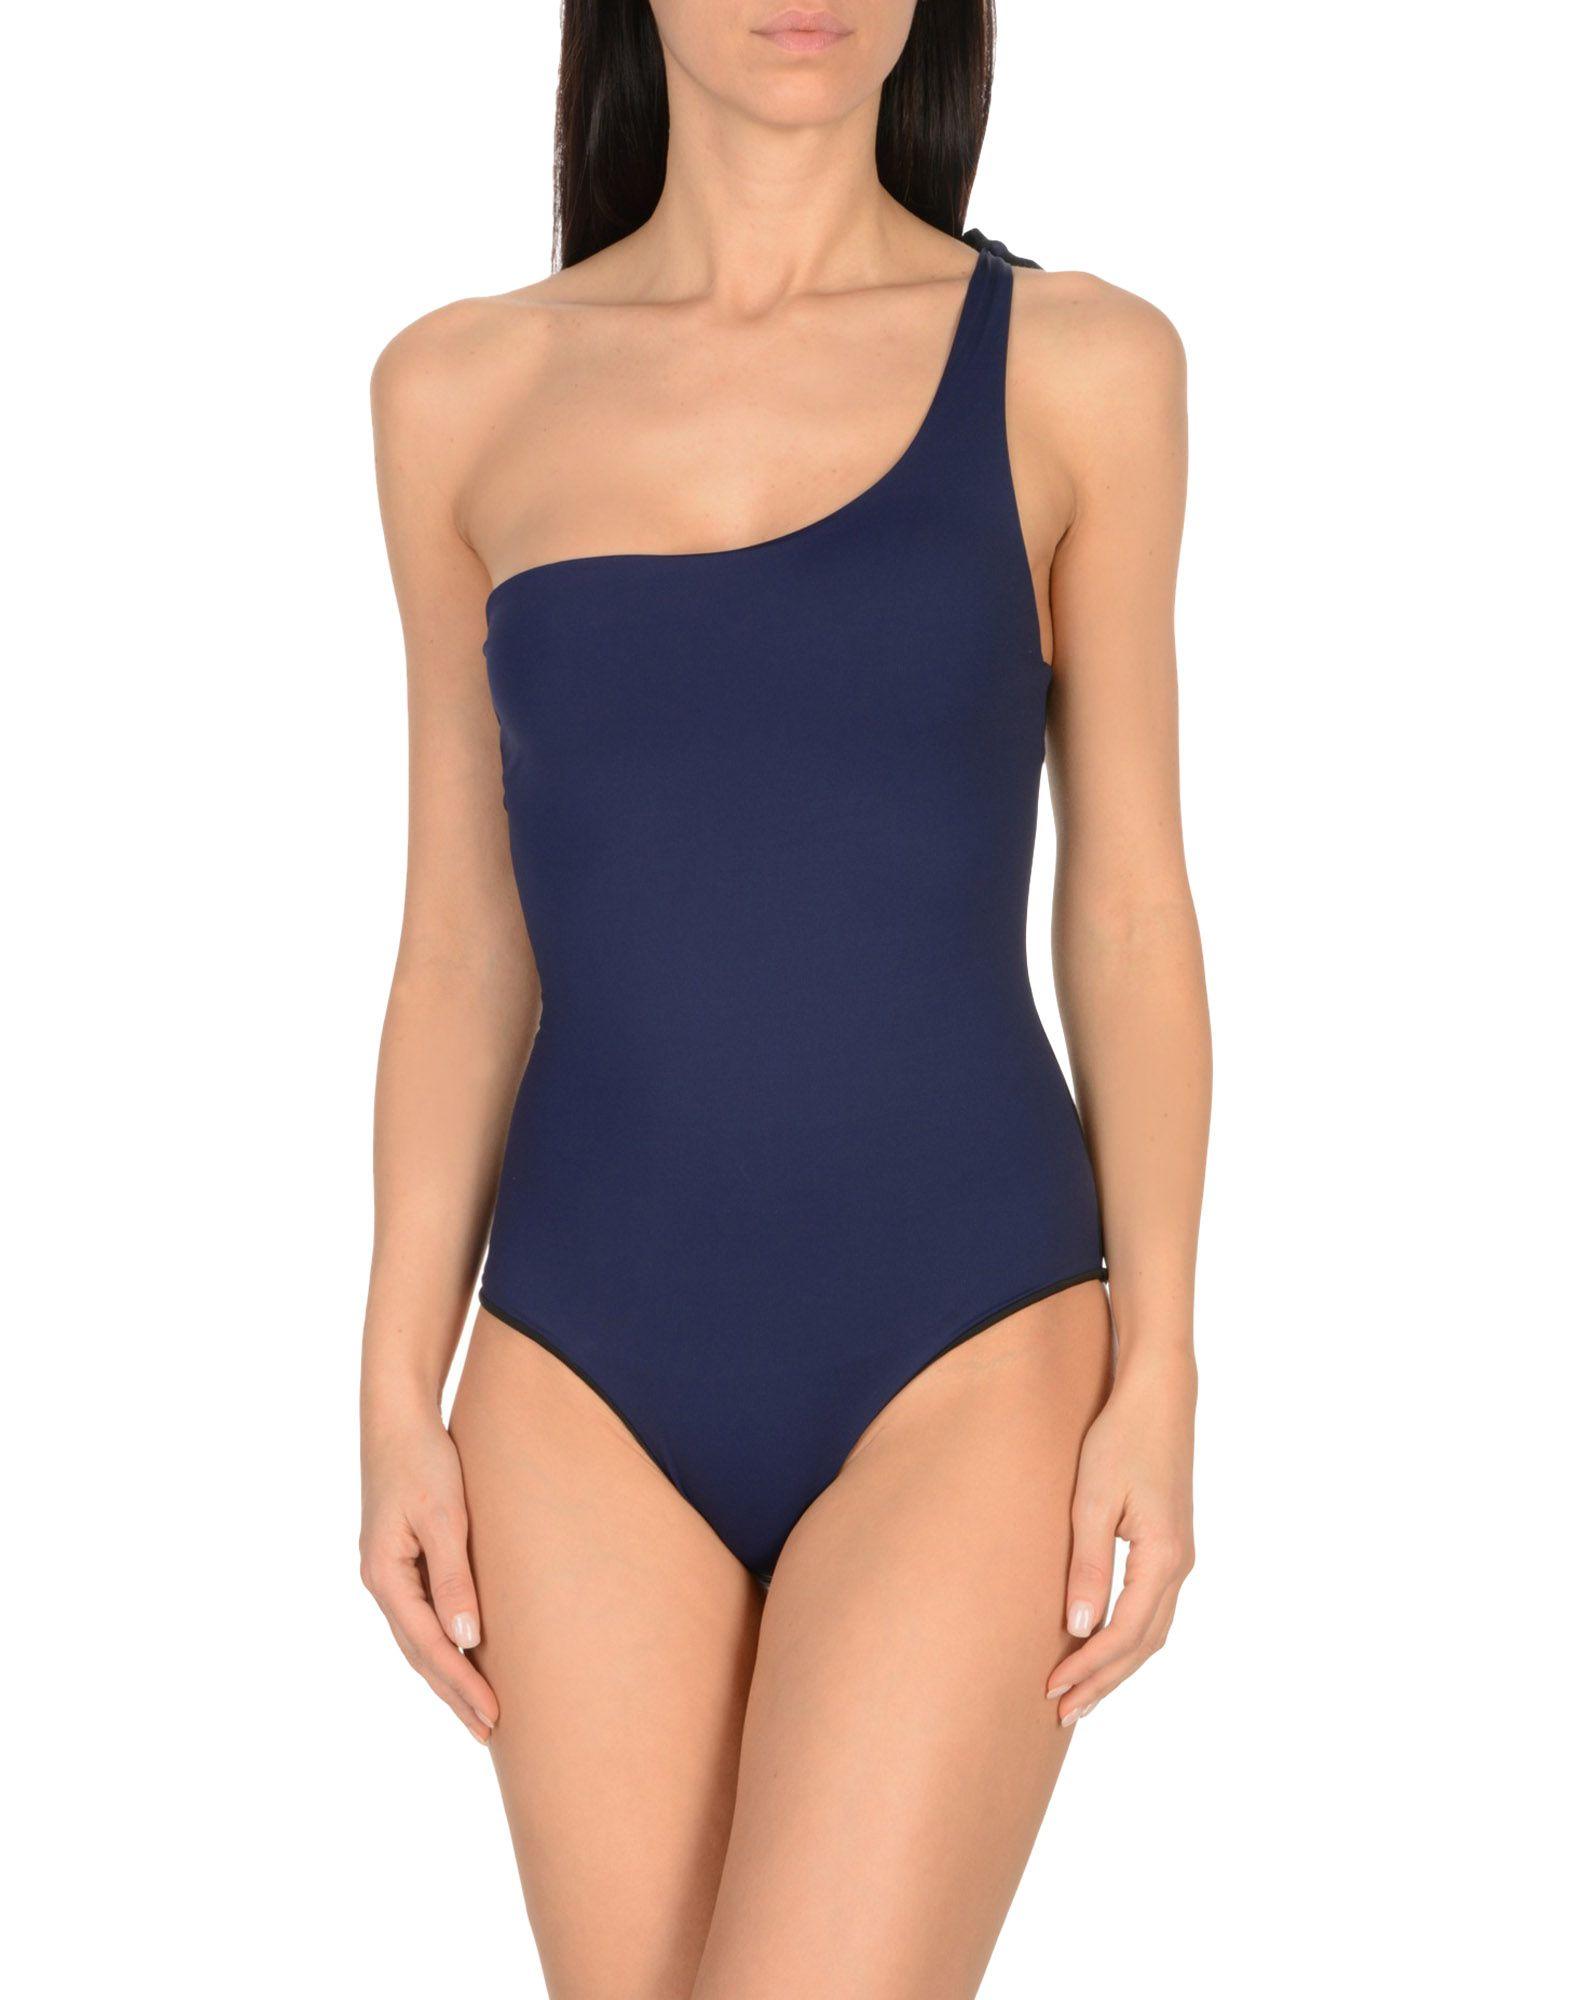 ALBERTINE One-Piece Swimsuits in Dark Blue